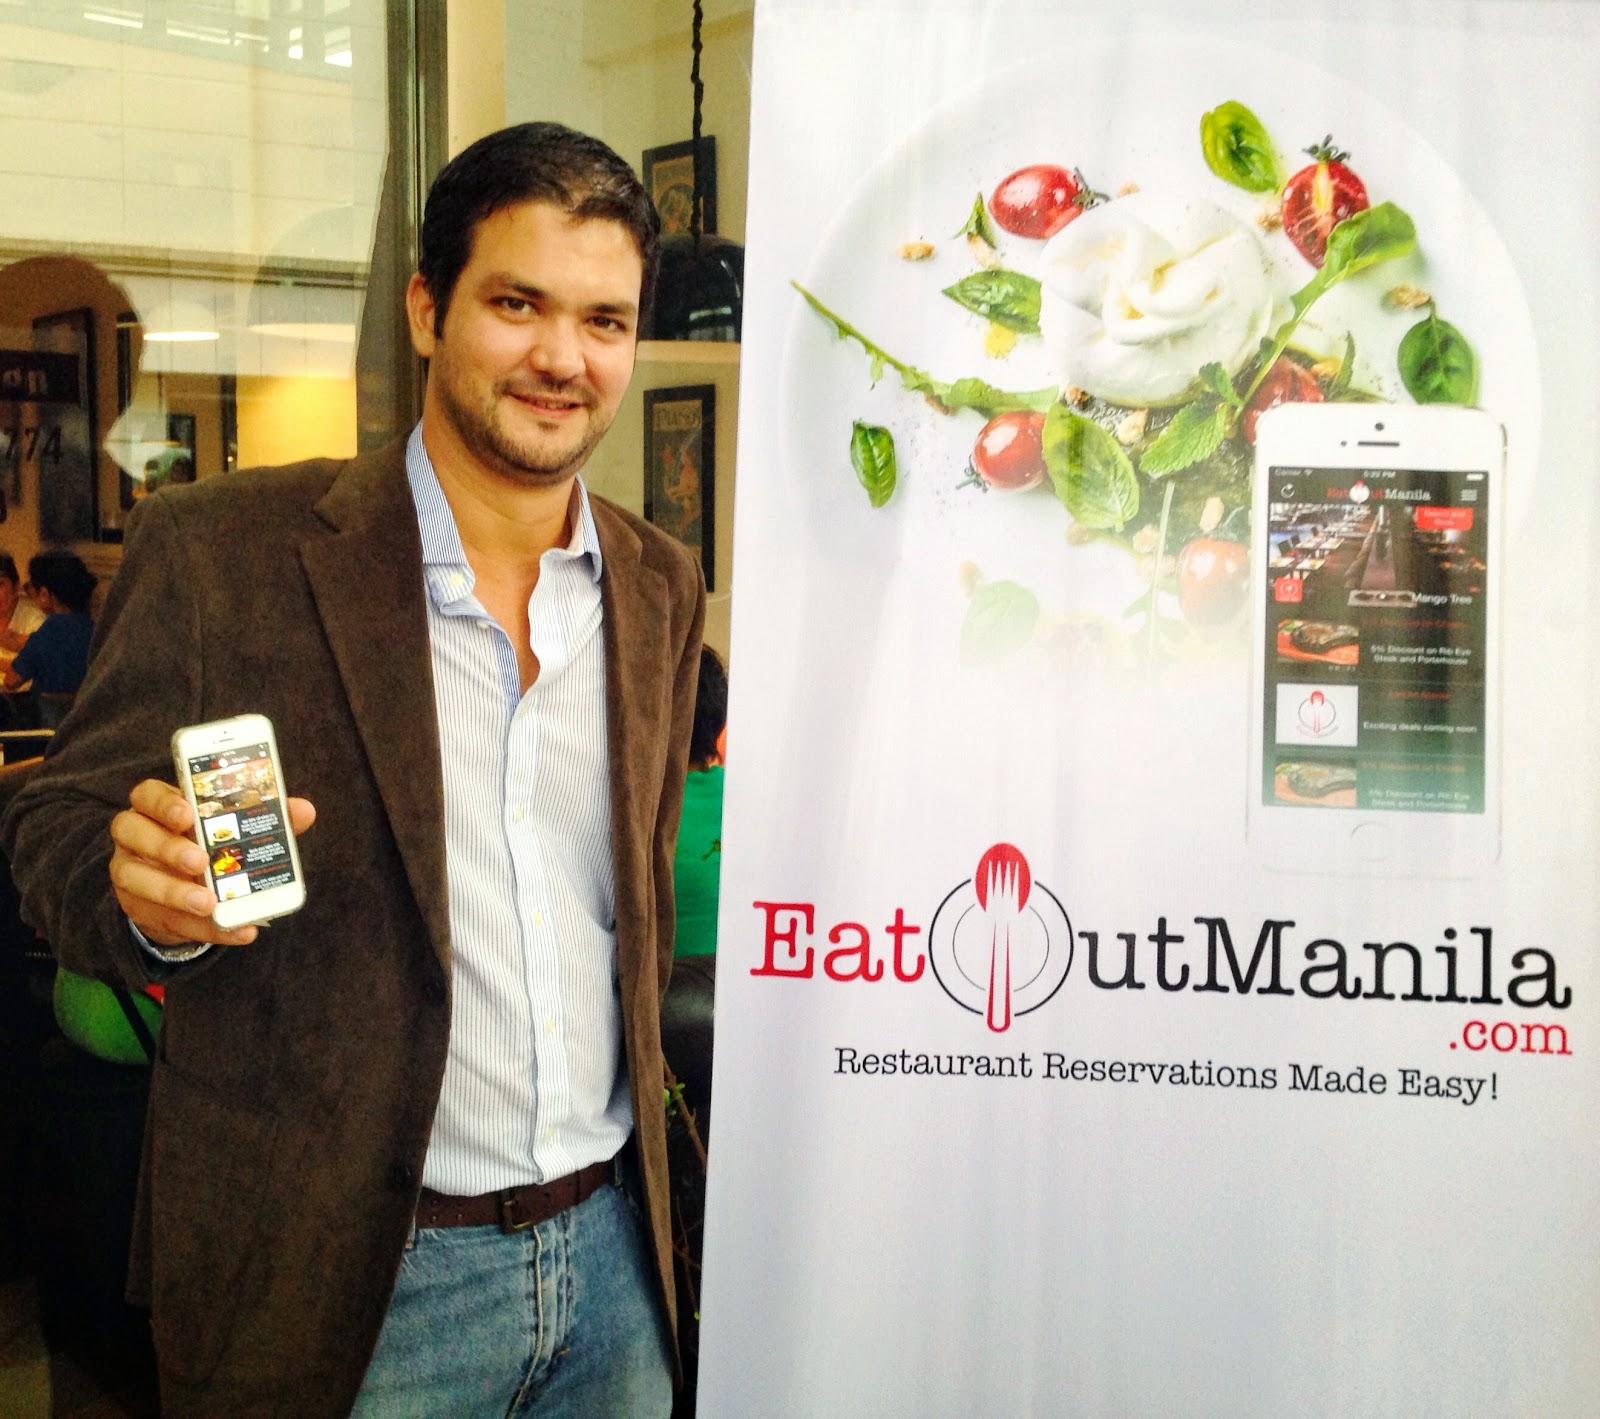 Iňaki Lamata shows Eat Out Manila app for iOS